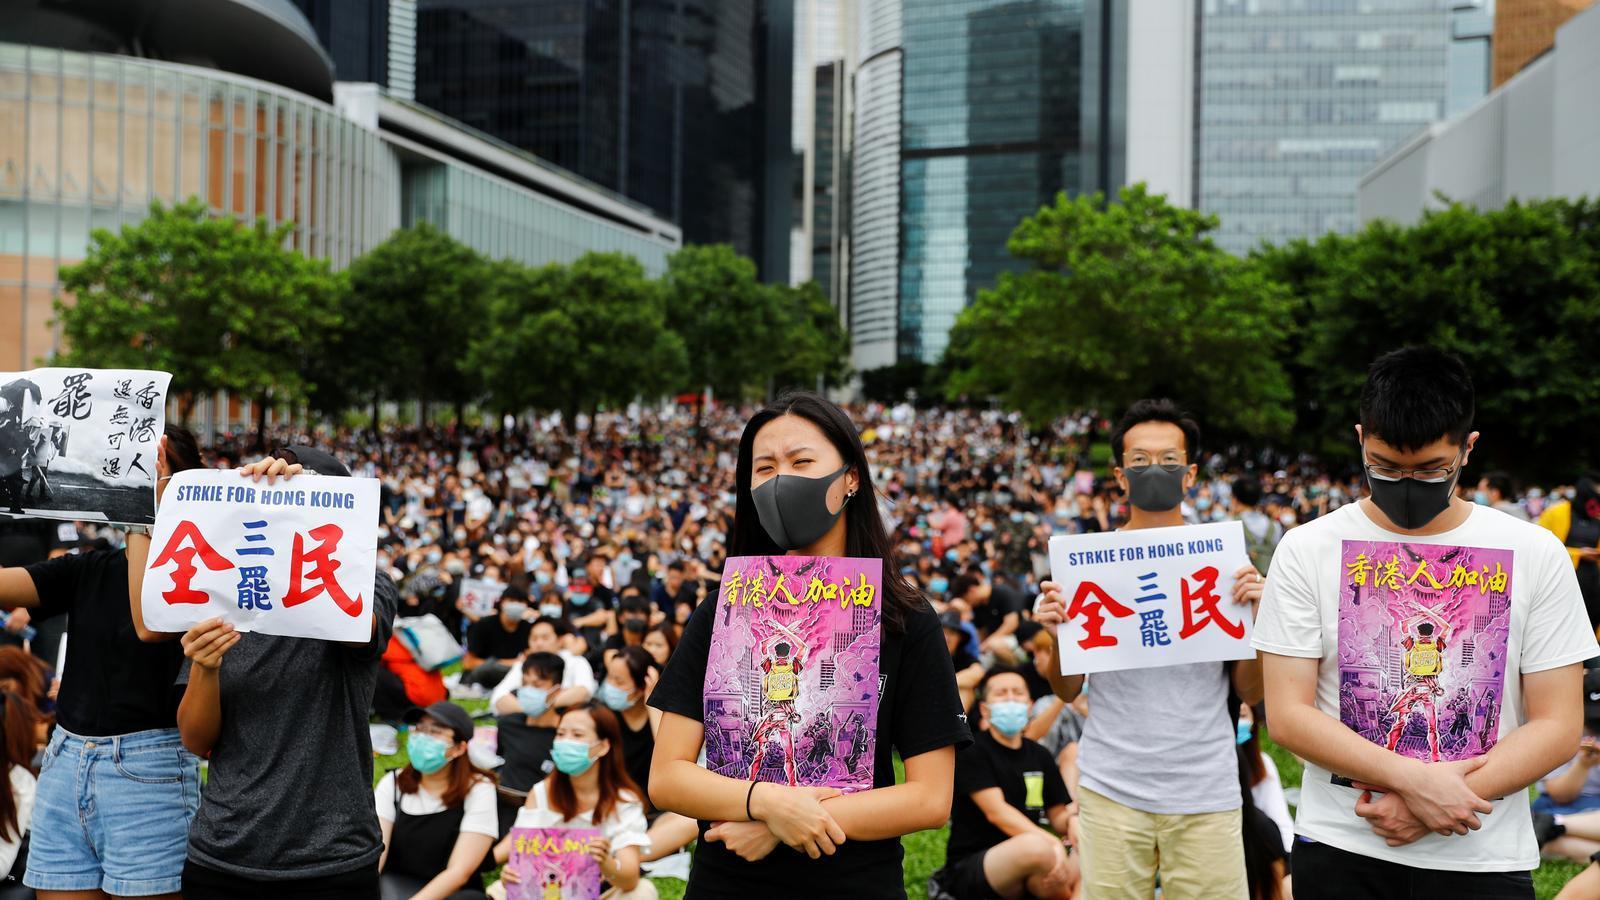 Les aules es buiden per la democràcia a Hong Kong